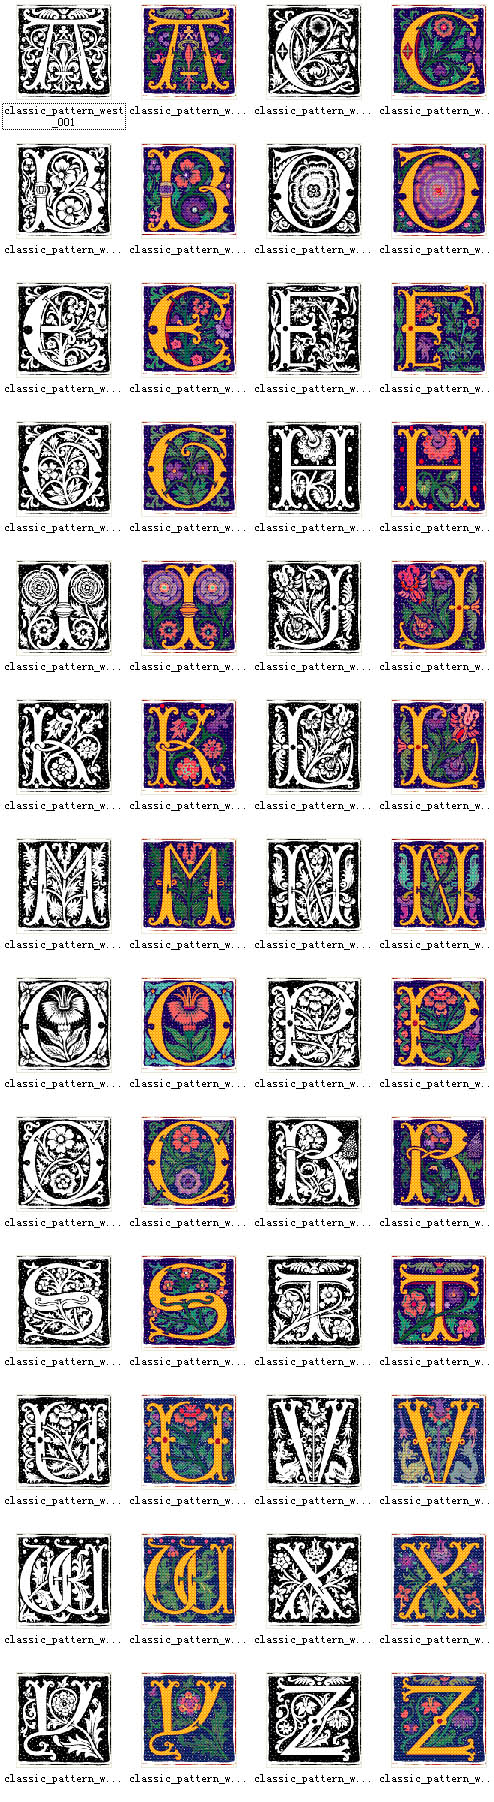 标识标志 > 素材信息   关键字: 古典图案古典花纹母26个英文字母矢量